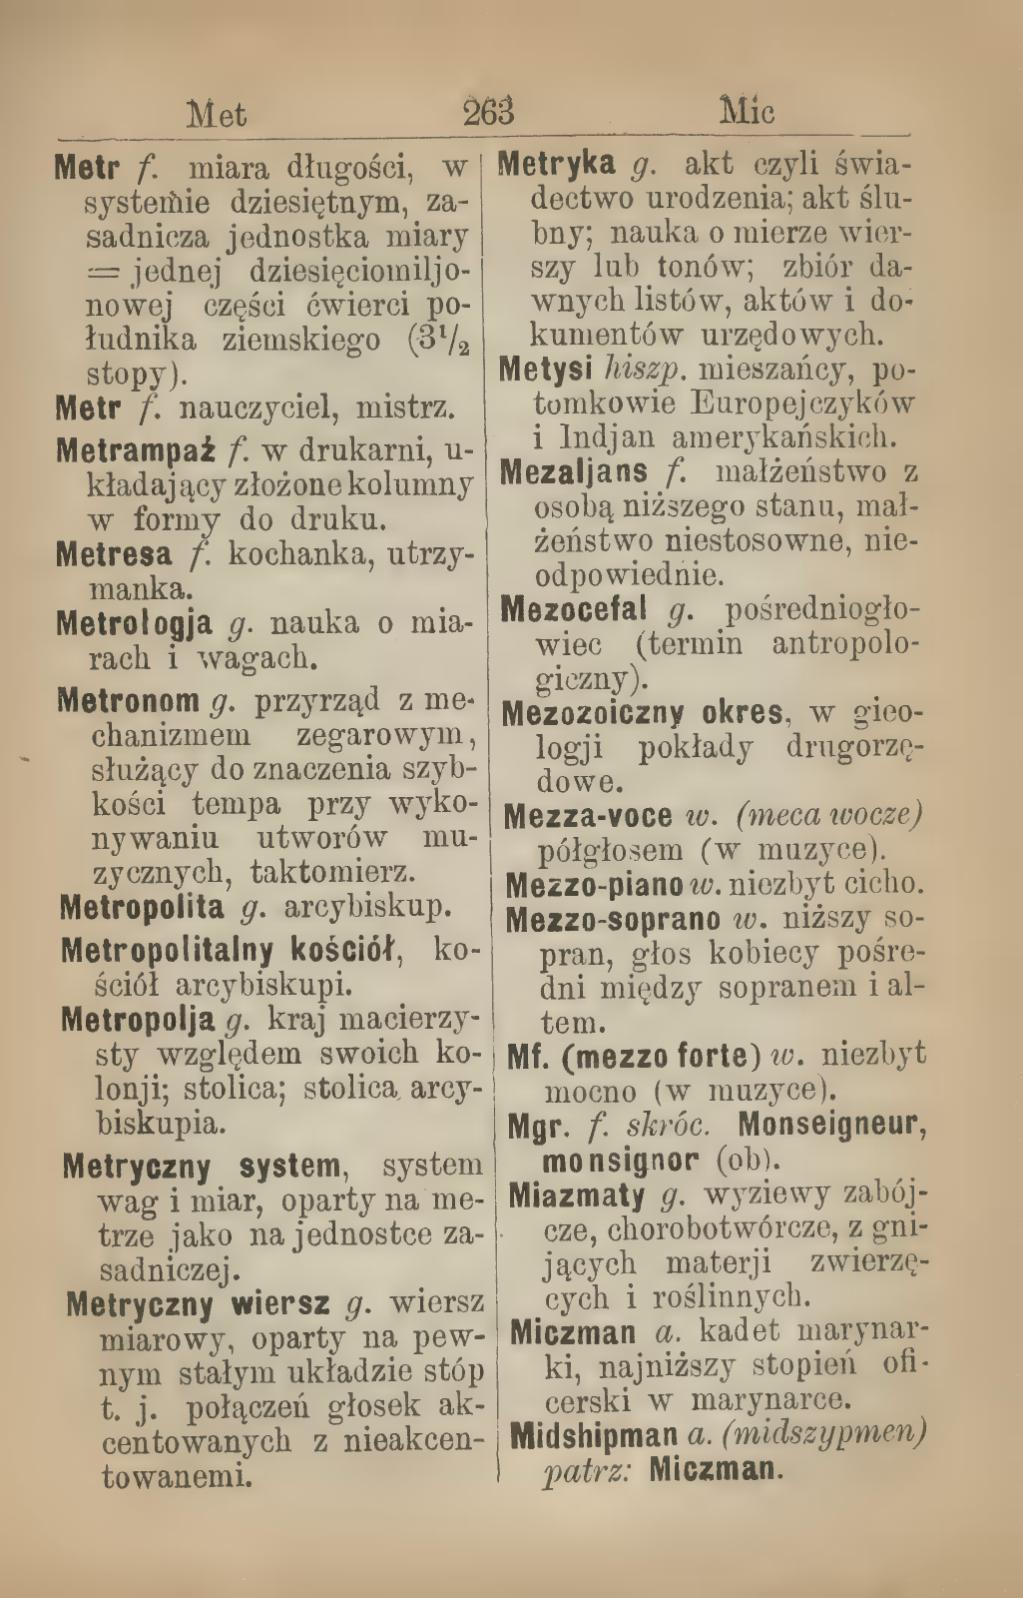 Stronam Arcta Słowniczek Wyrazów Obcychdjvu271